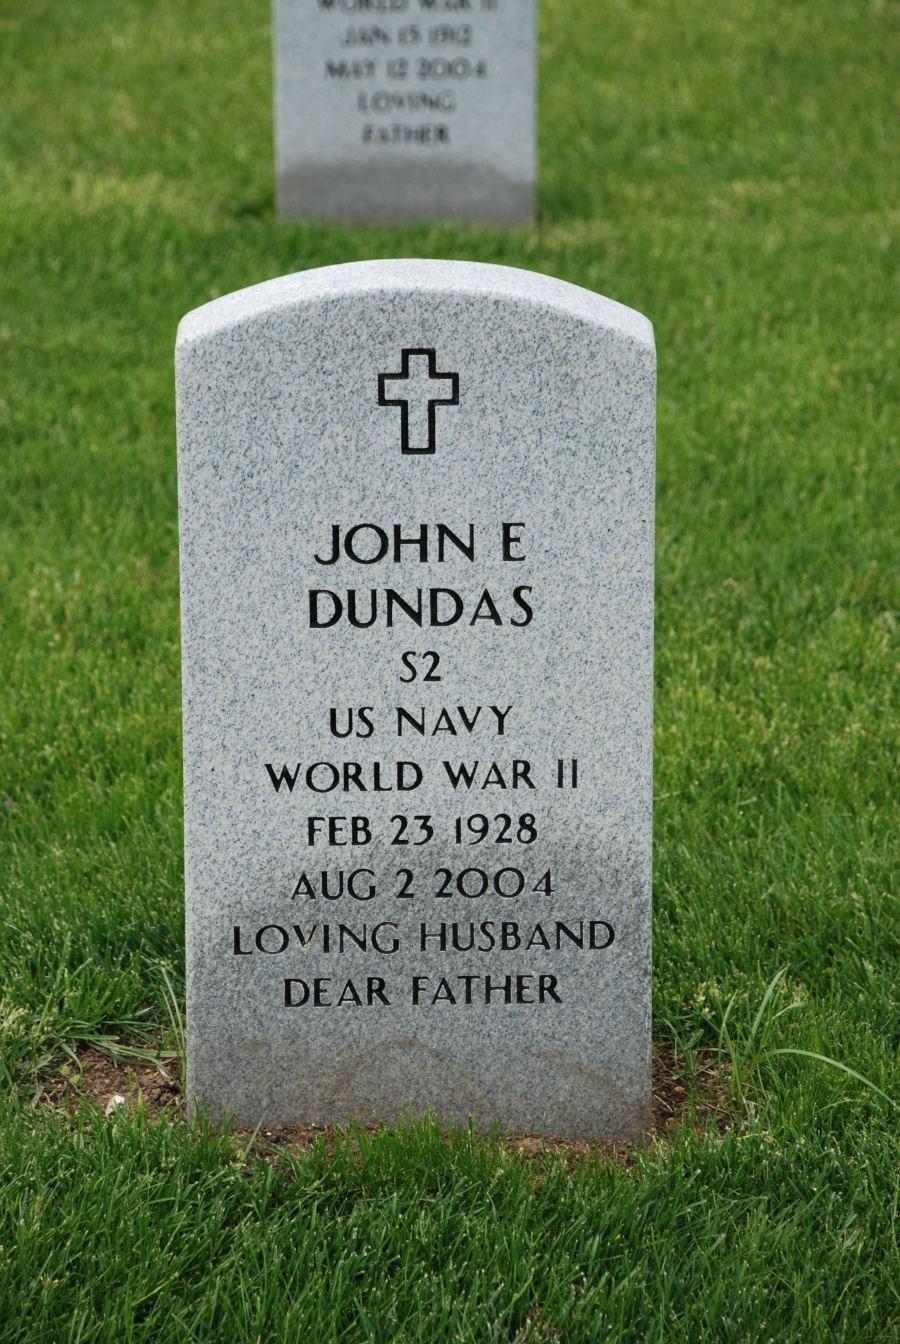 John Dundas